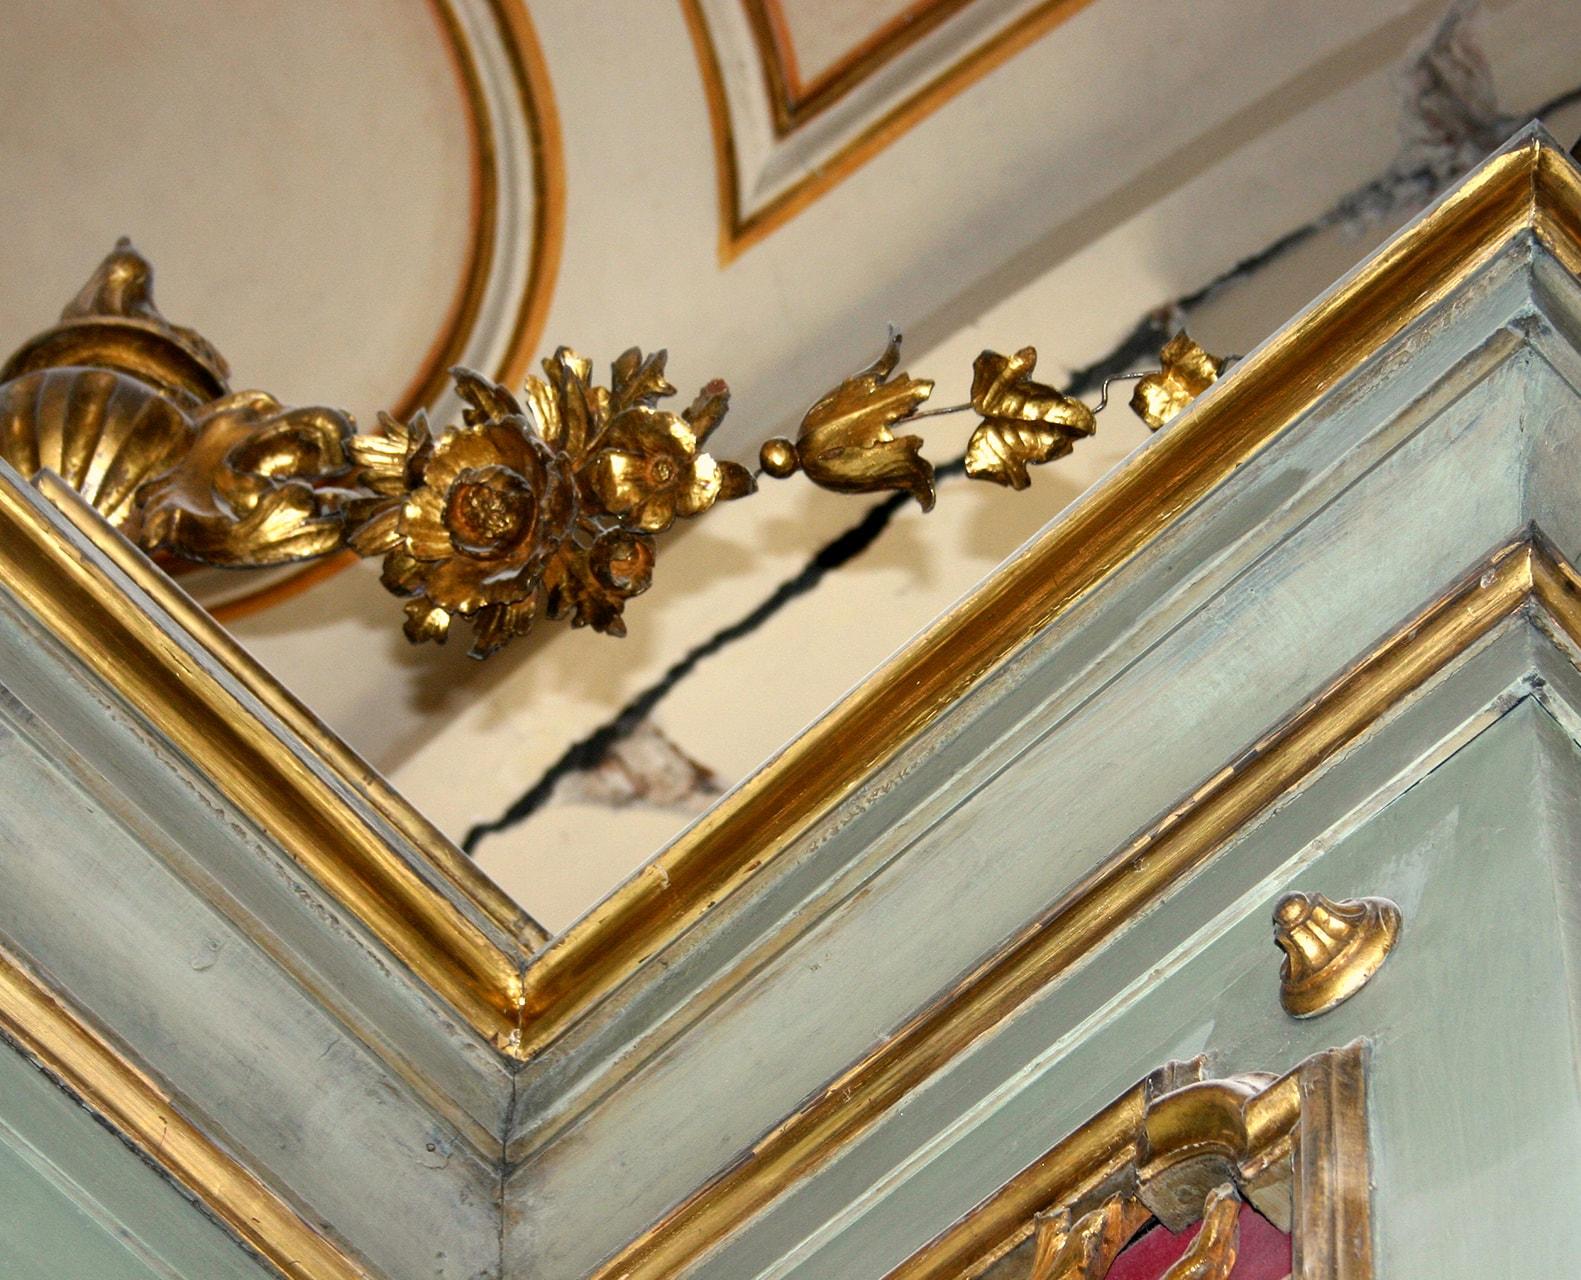 chiesa-santa-maria-suffragio-anime-sante-laquila-abruzzo-immagine-restauro-organo-6